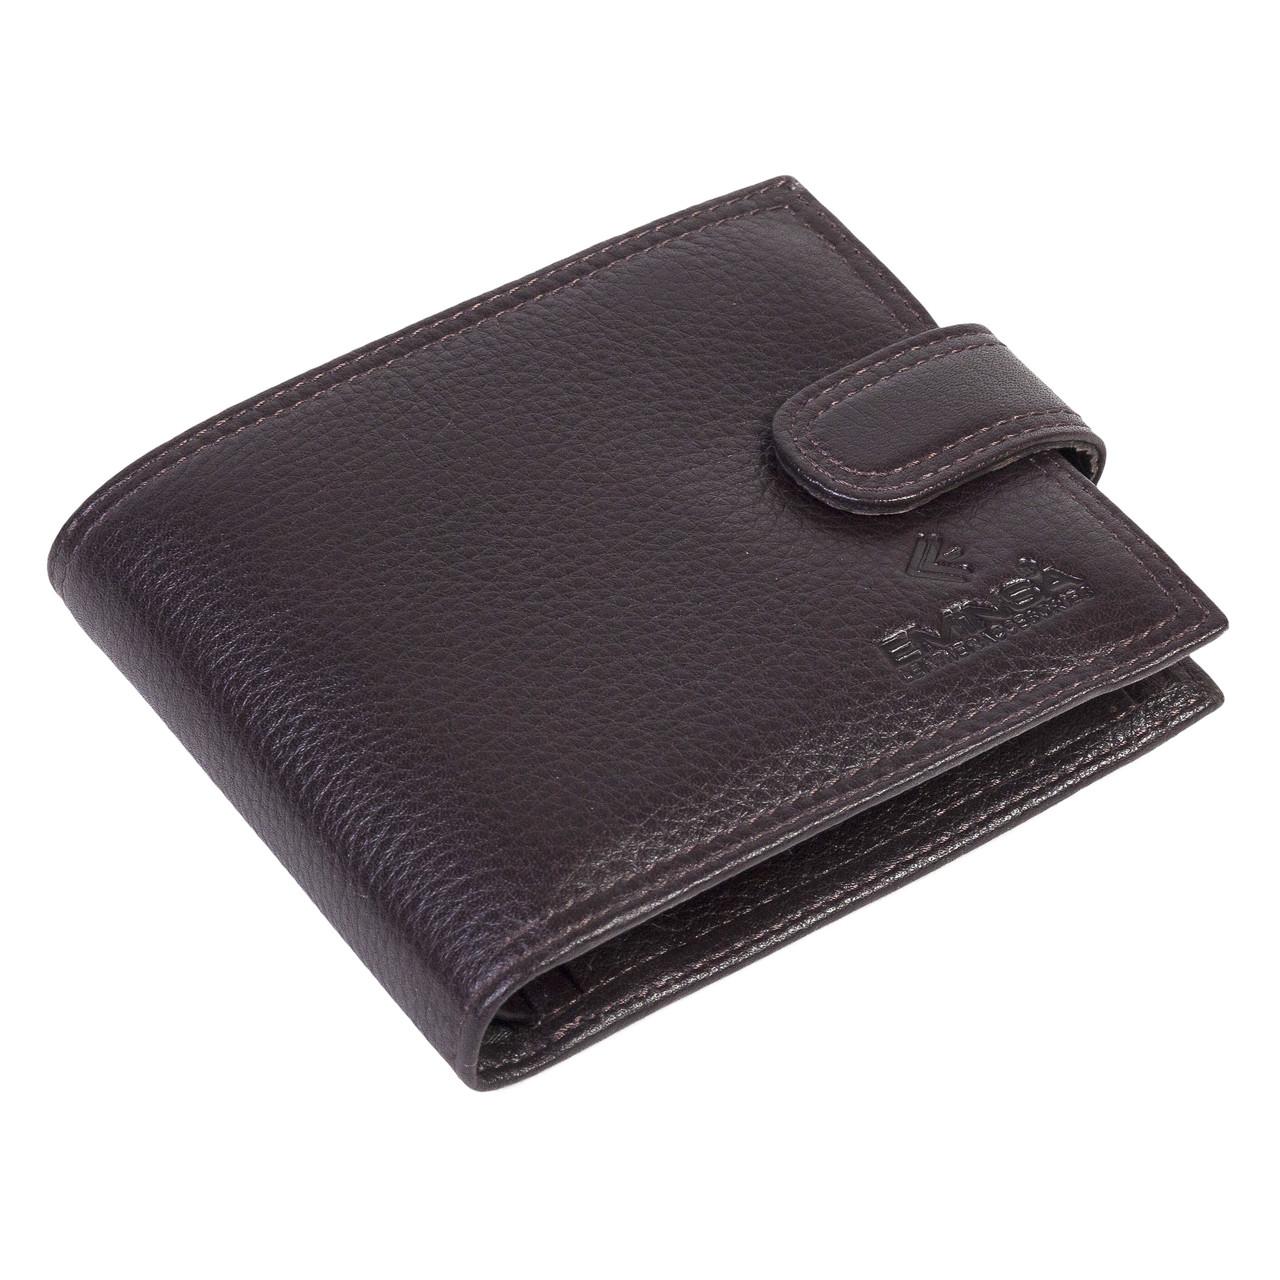 6e147fa7148d Мужское портмоне Eminsa 1043-17-3 кожаное коричневое : от